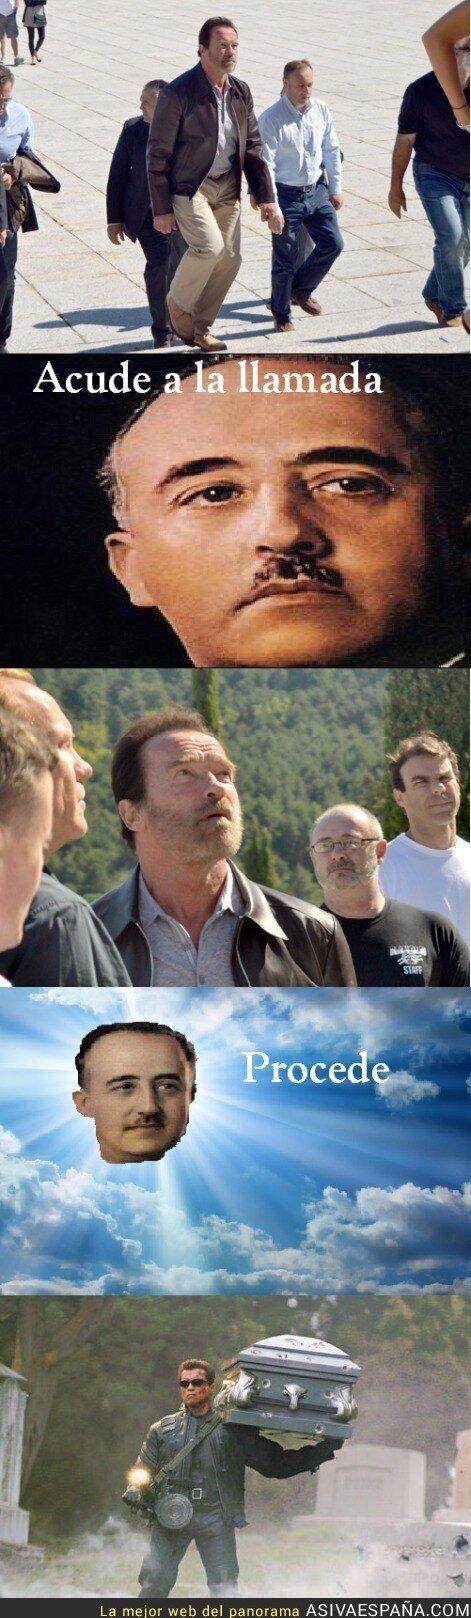 89205 - Schwarzenegger volverá al Valle de los Caídos para salvar al Caudillo